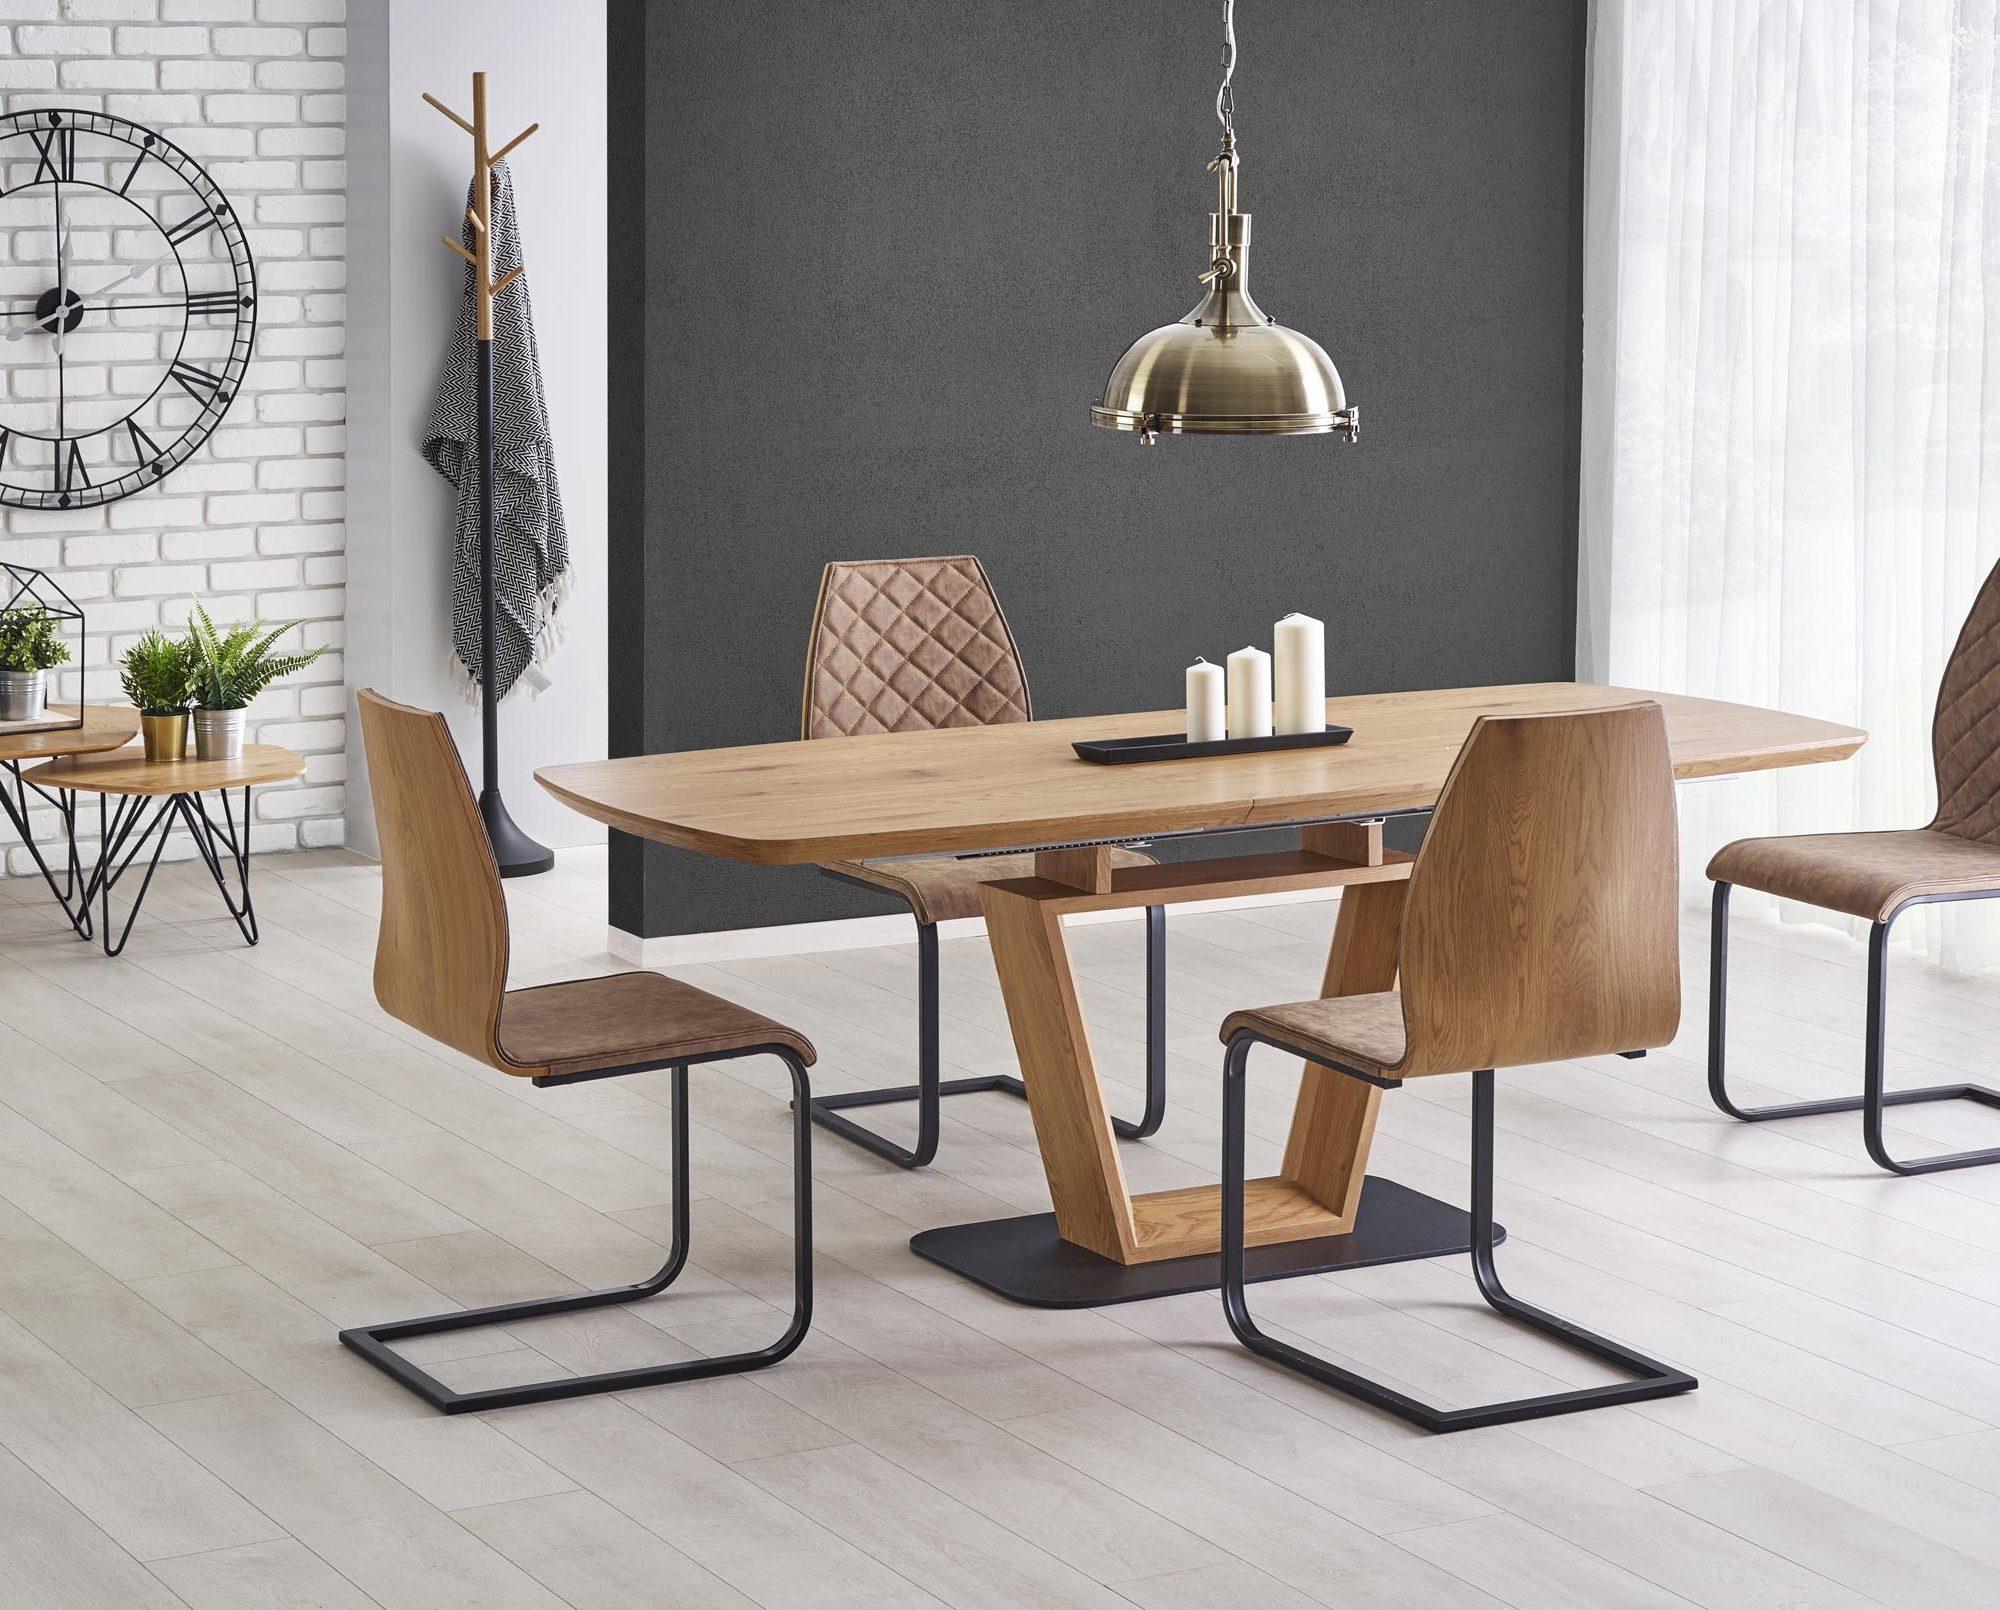 Jídelní stůl - Halmar - Blacky (pro 6 až 8 osob)